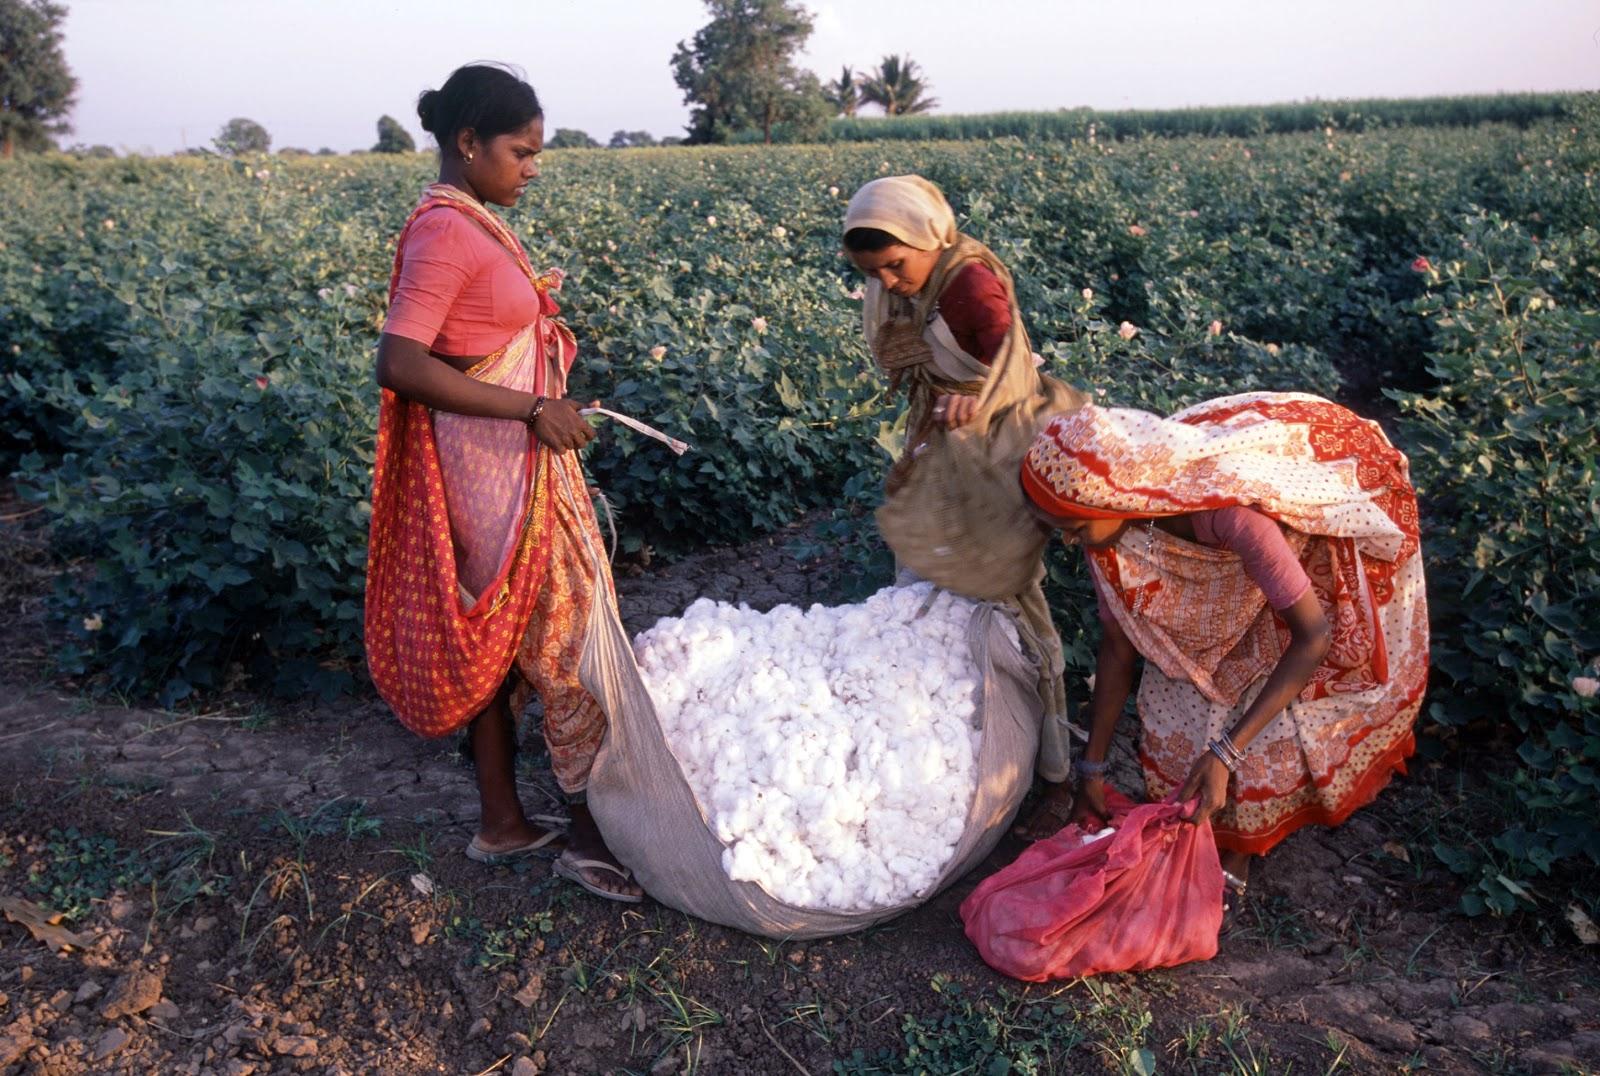 ГМО: Bt-хлопок и суицид индийских фермеров